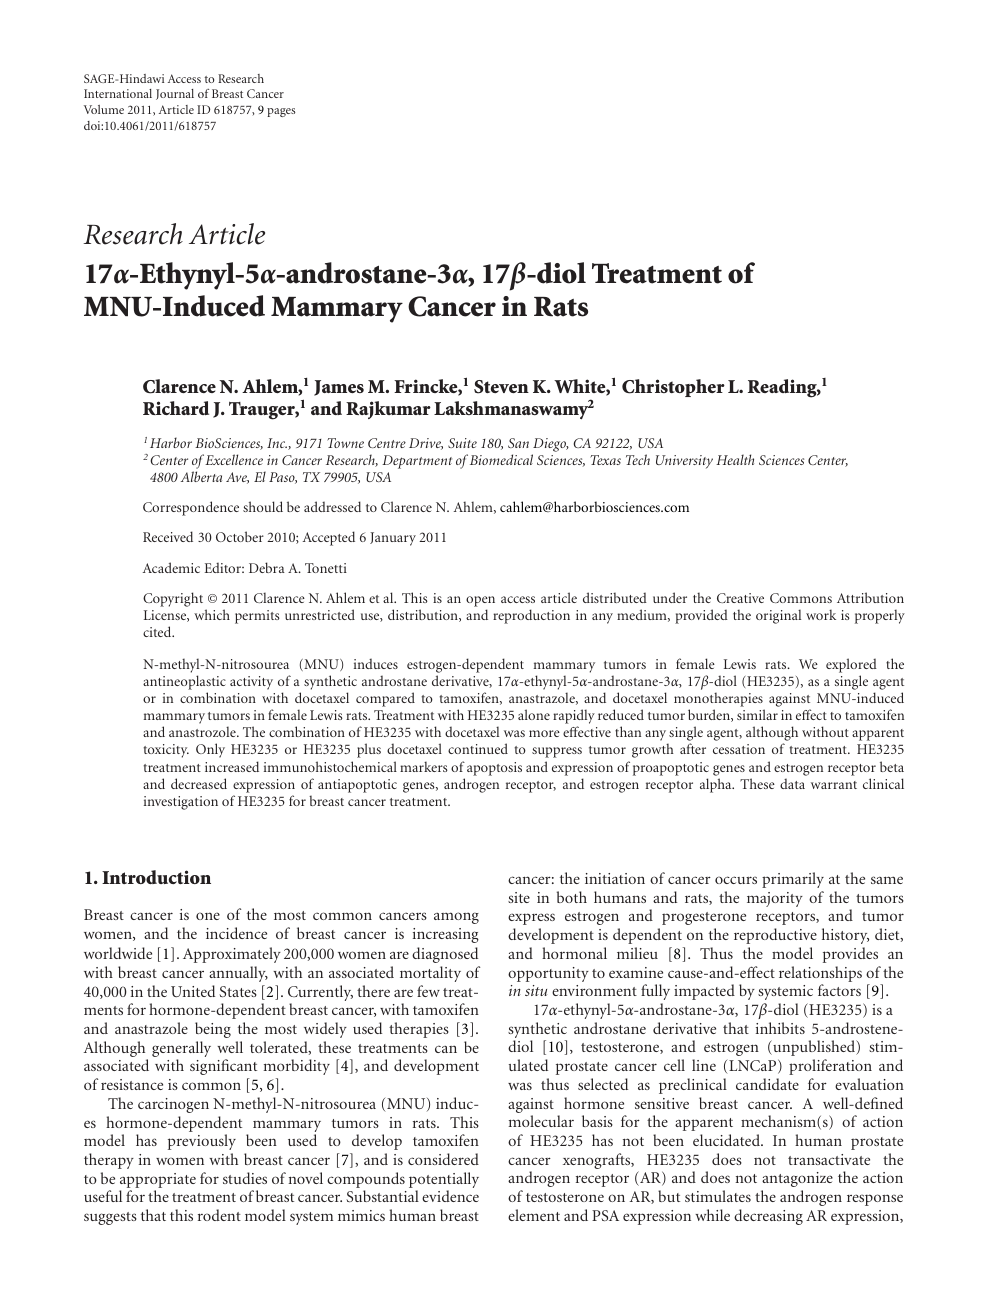 17α-Ethynyl-5α-androstane-3α, 17β-diol Treatment of MNU